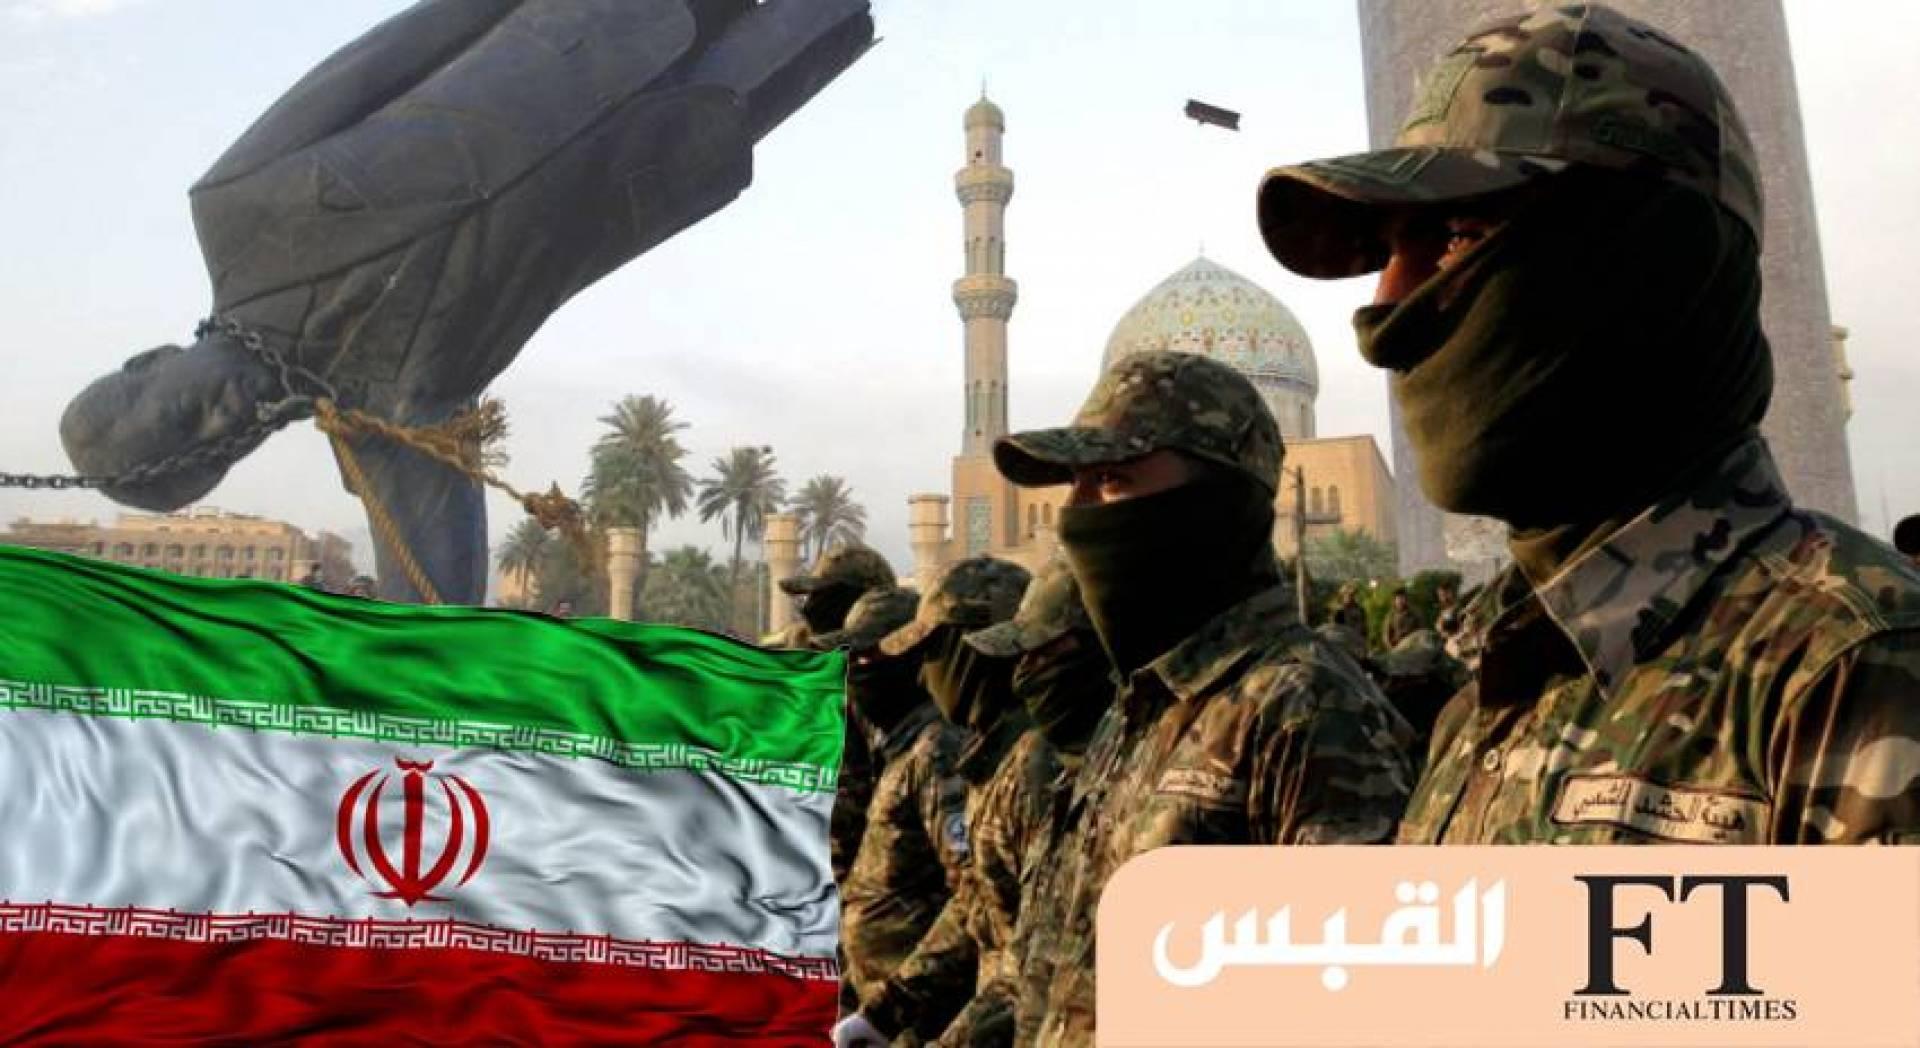 «فايننشيل تايمز»: منذ إطاحة الدكتاتور صدام حسين.. تغيرت التركيبة السكانية الإقليمية لصالح إيران وحلفائها